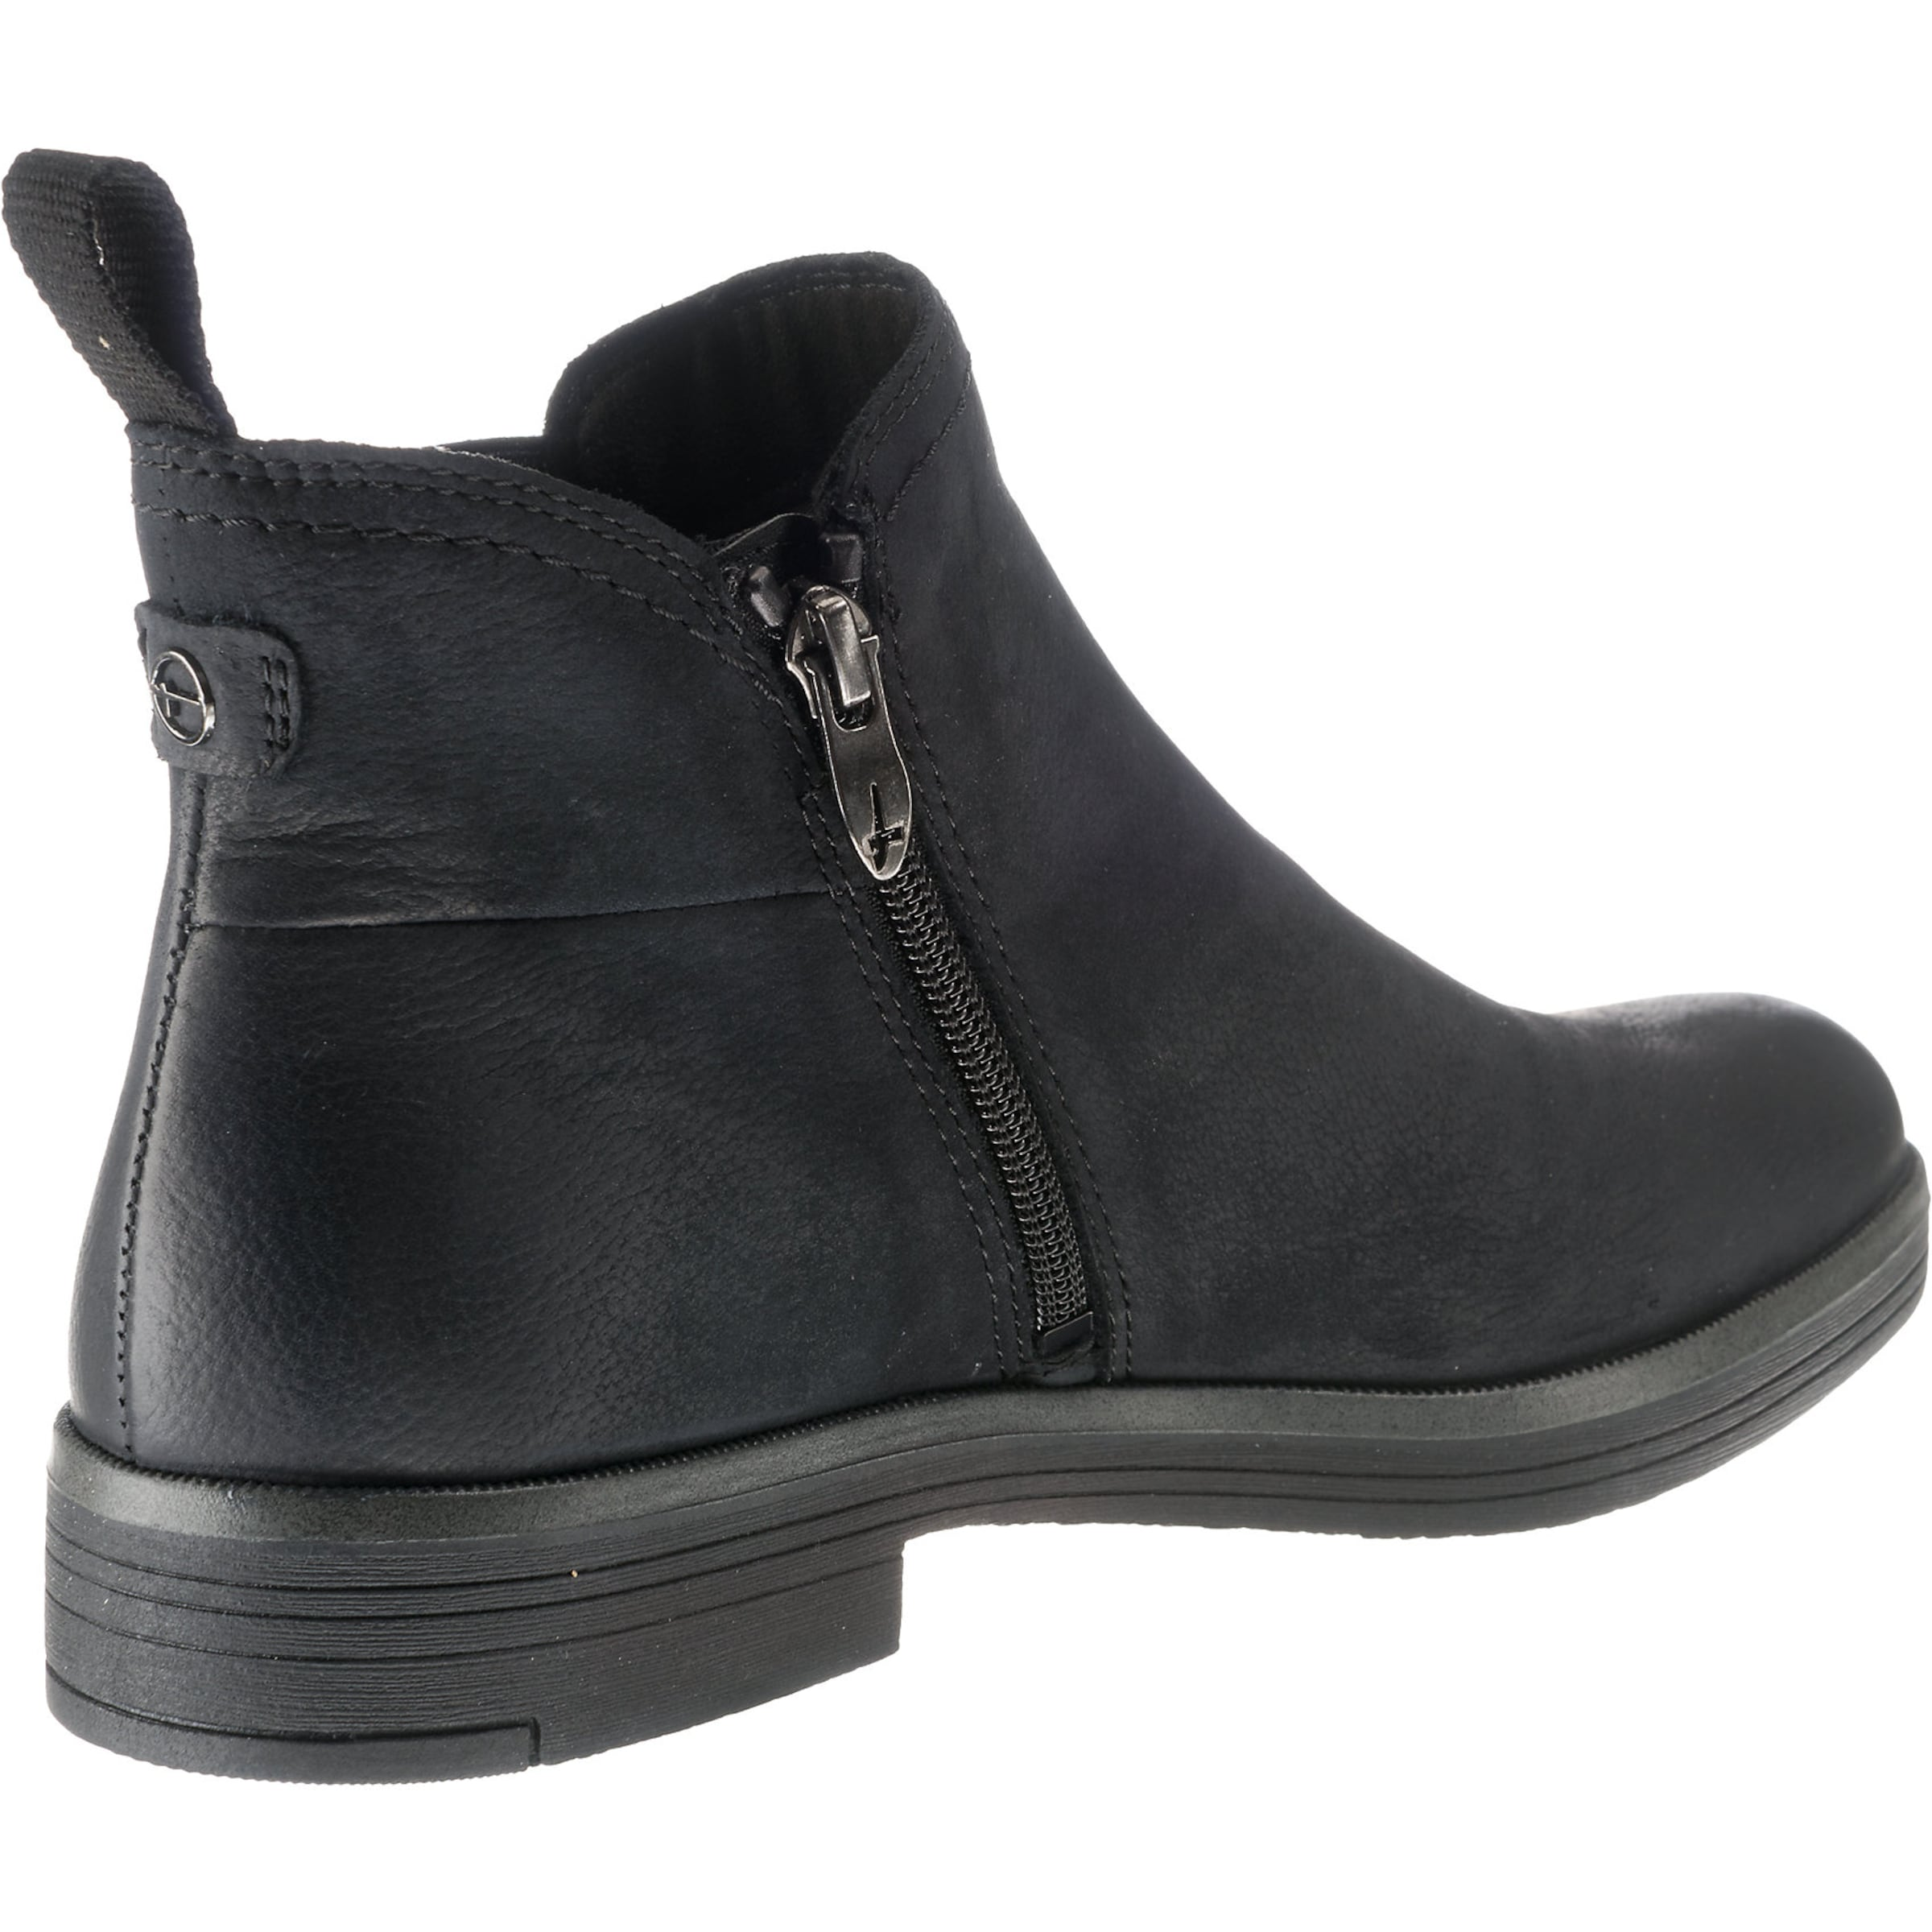 Boots In Dunkelblau Tamaris Tamaris Chelsea rodxQWBeC